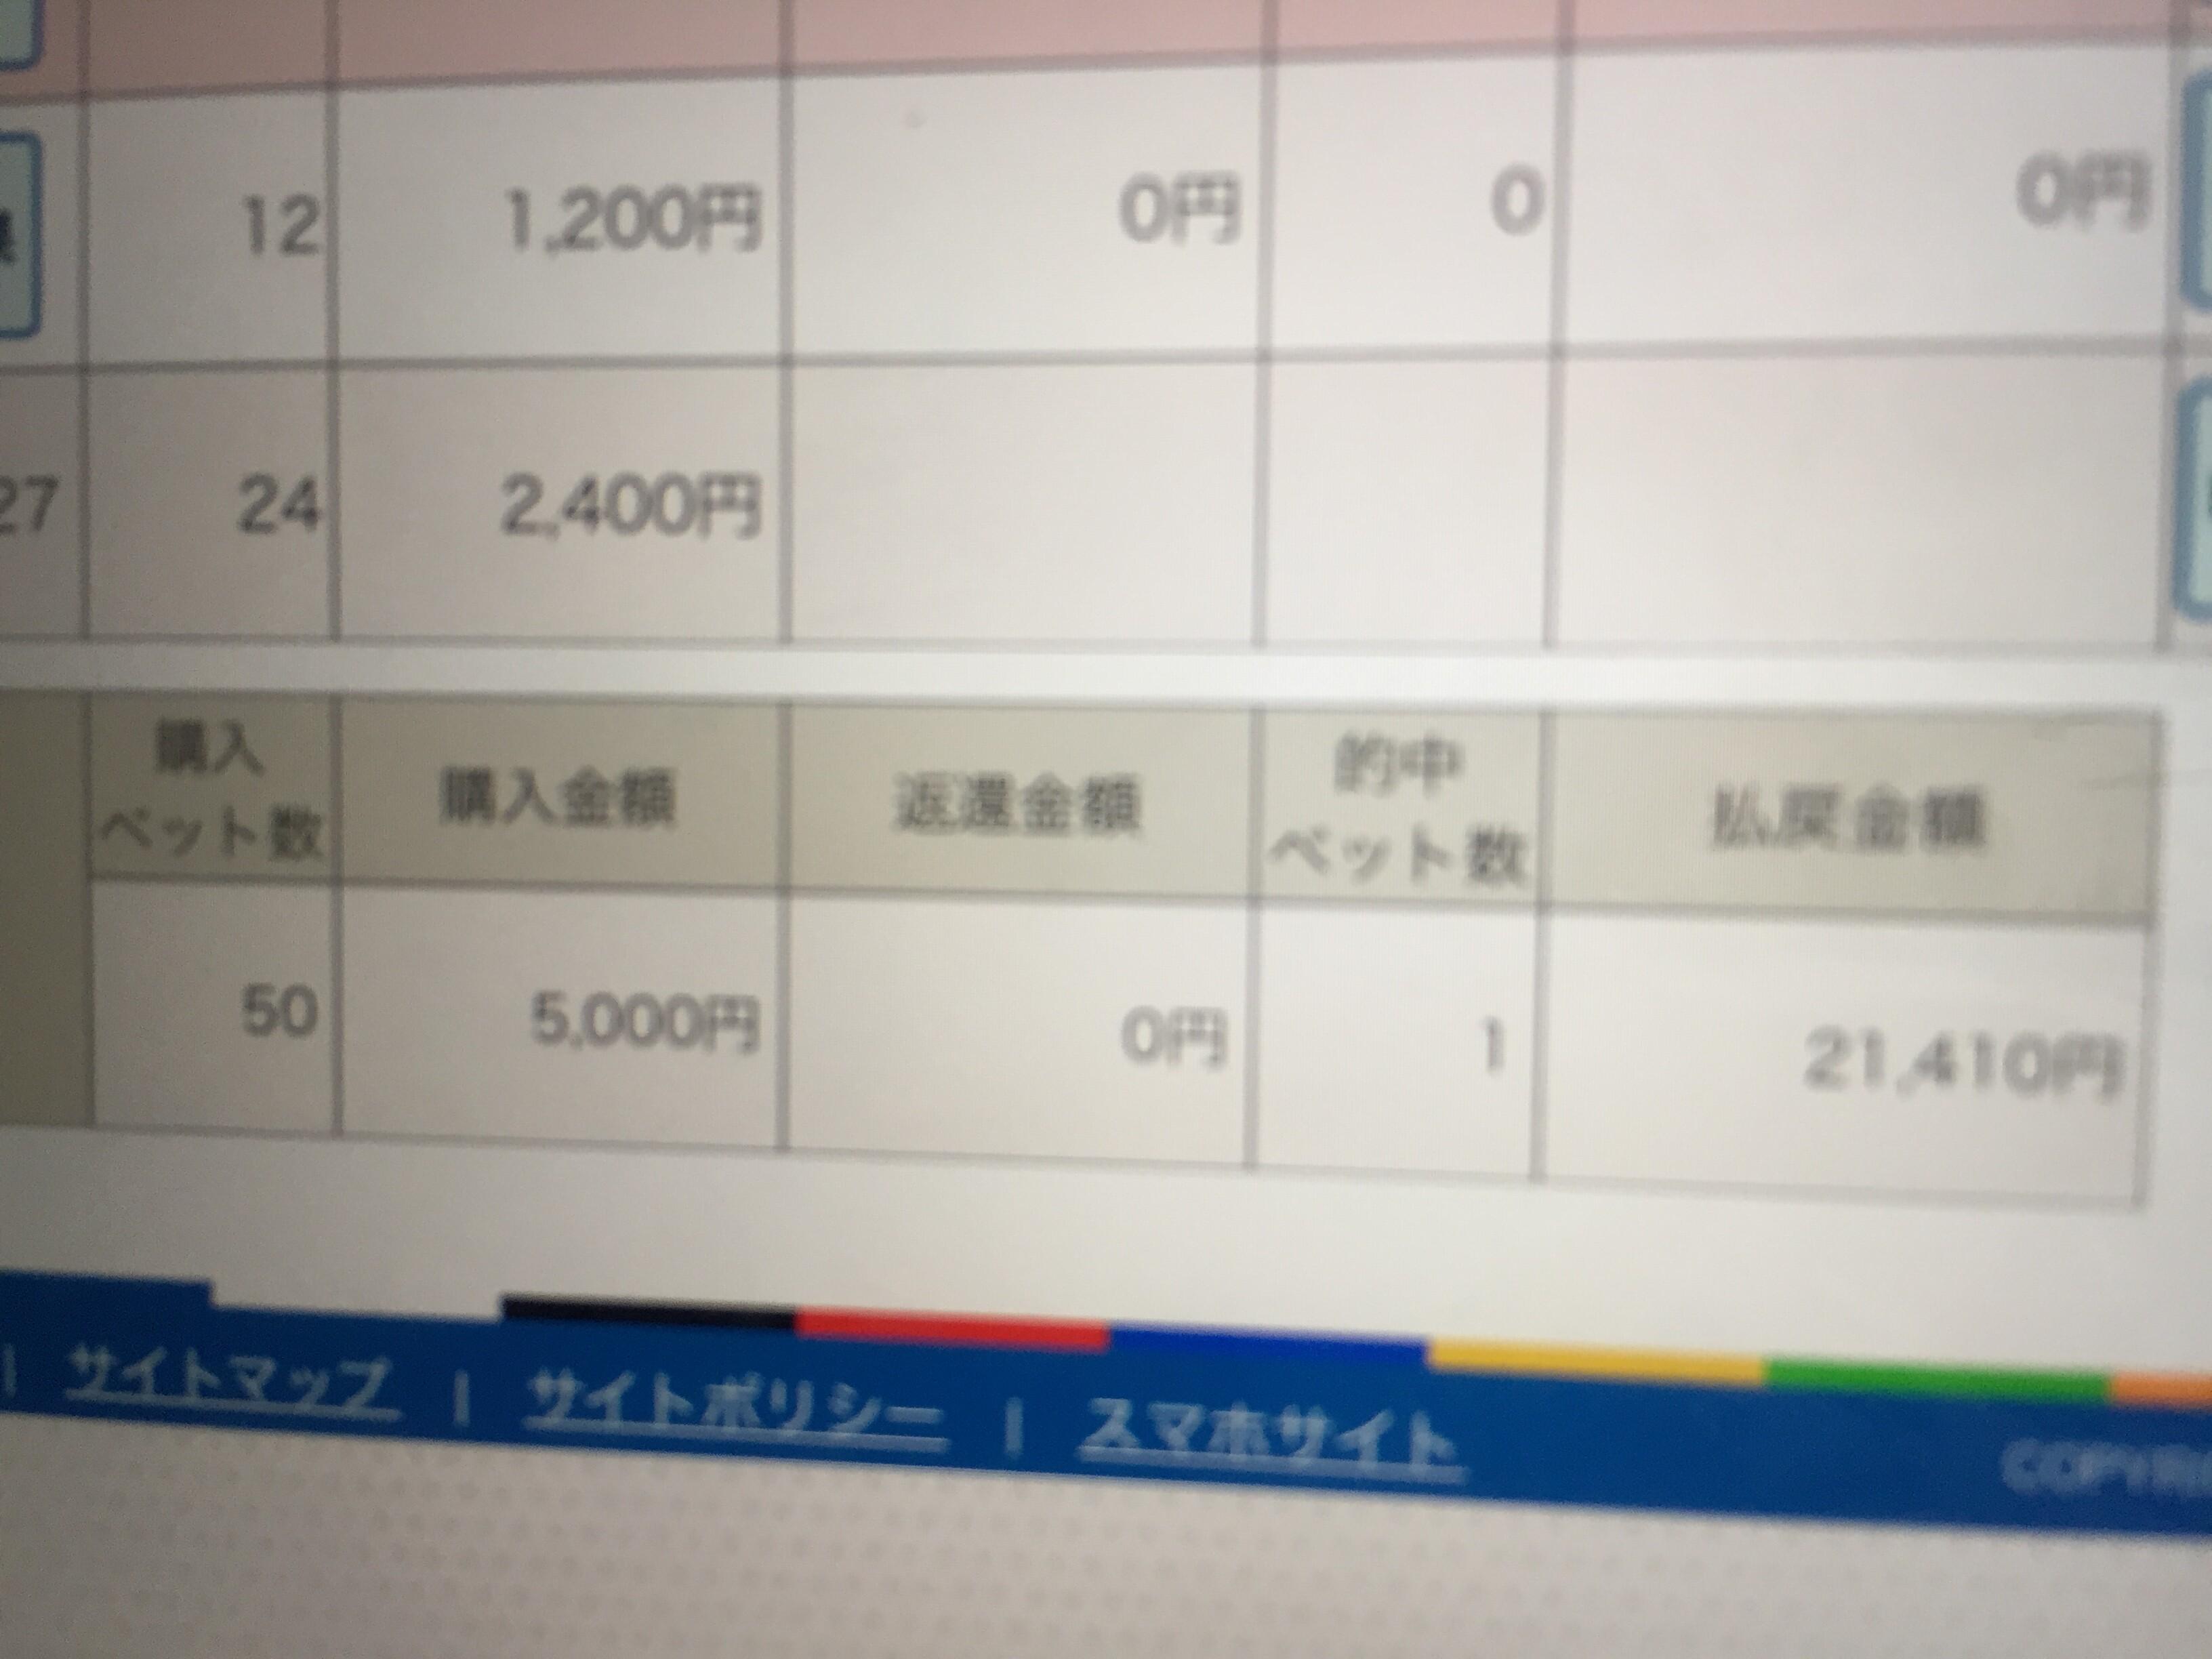 A9F088F6-21DD-42B2-B1A6-A137188A35A0